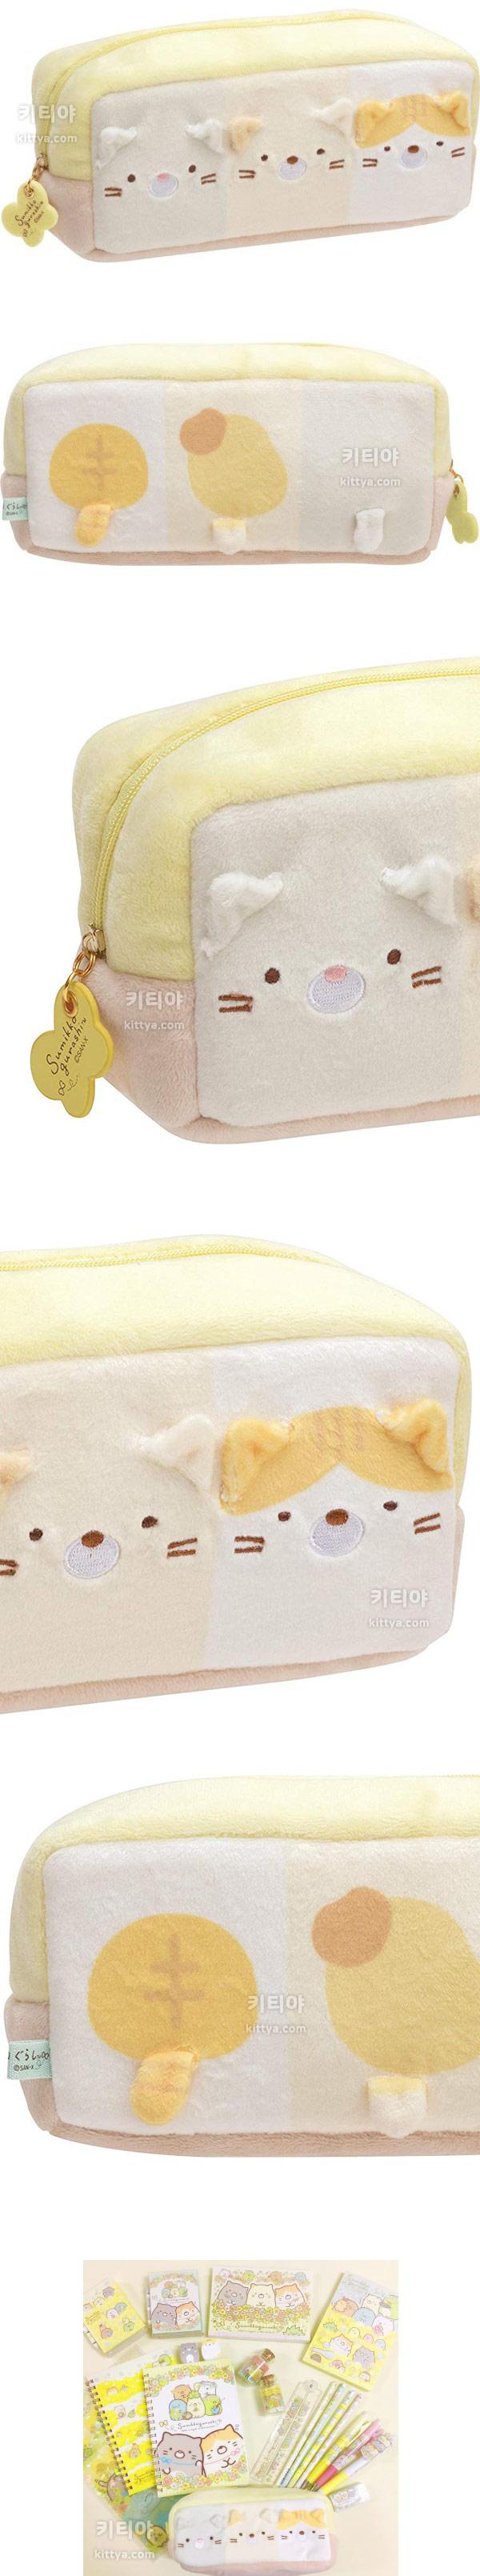 스밋코구라시 고양이형제 보아 펜파우치 - 키티야, 30,800원, 패브릭필통, 캐릭터